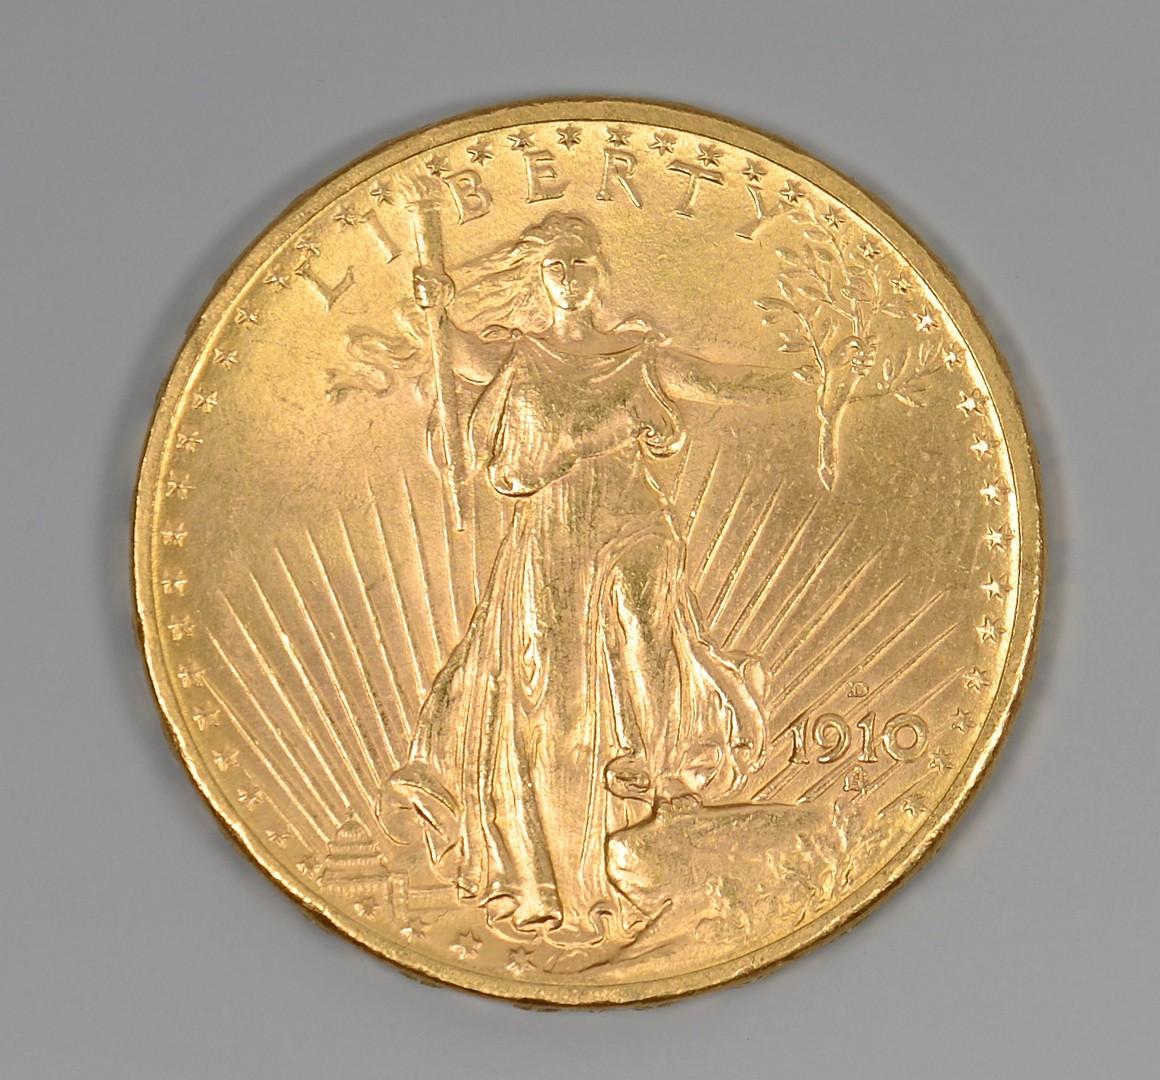 Lot 857: 1910-D $20 St. Gauden Gold Coin